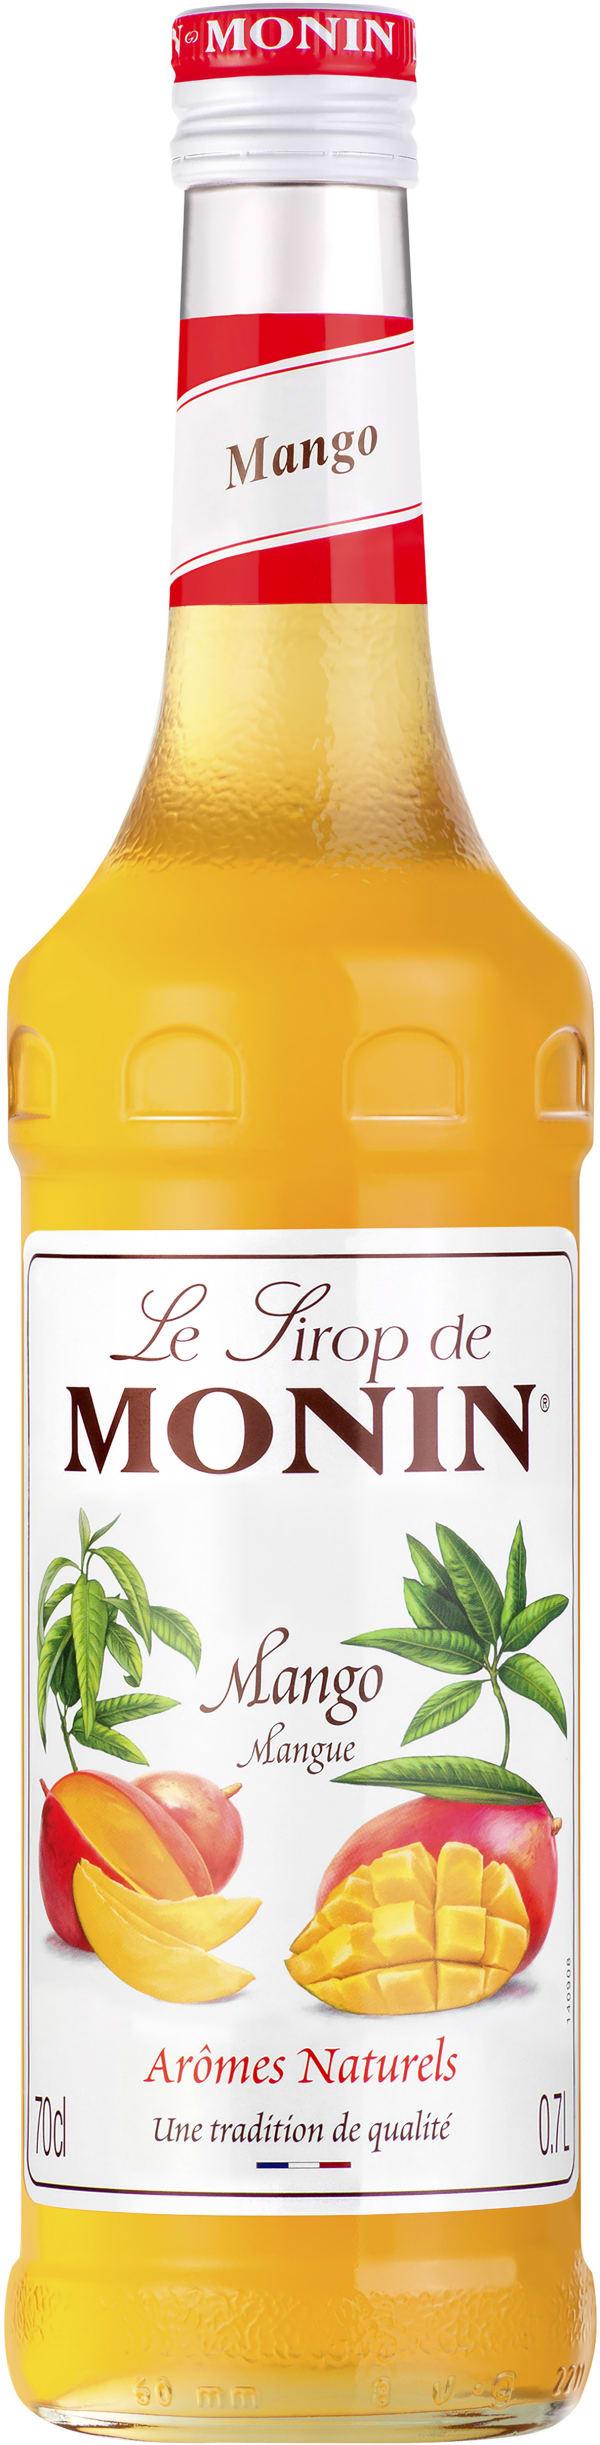 Le Sirop de Monin Mango